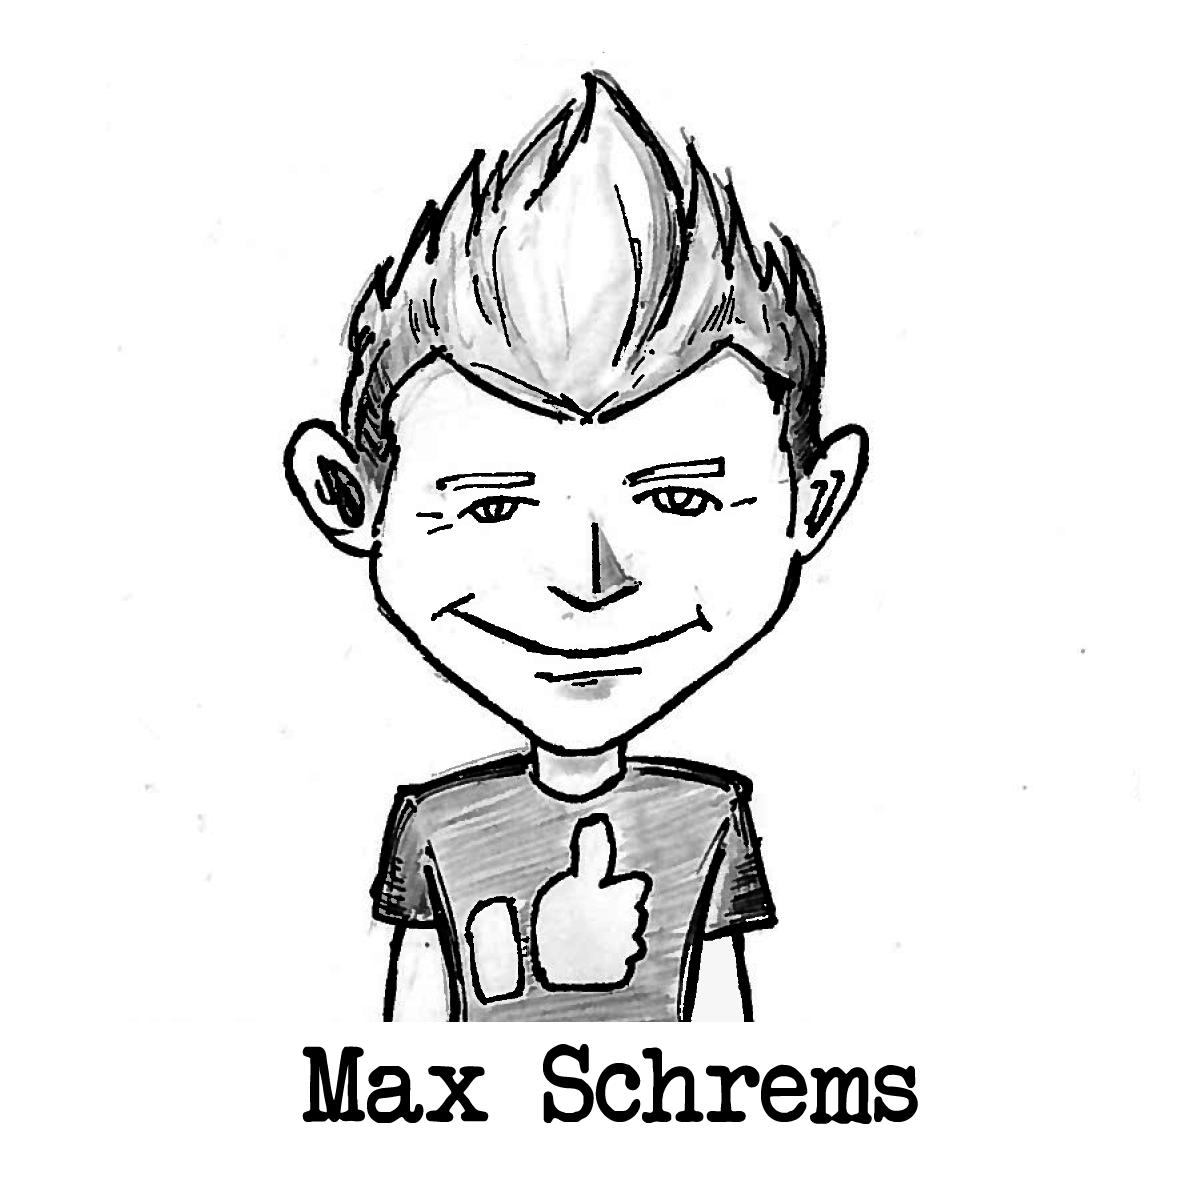 Schrems